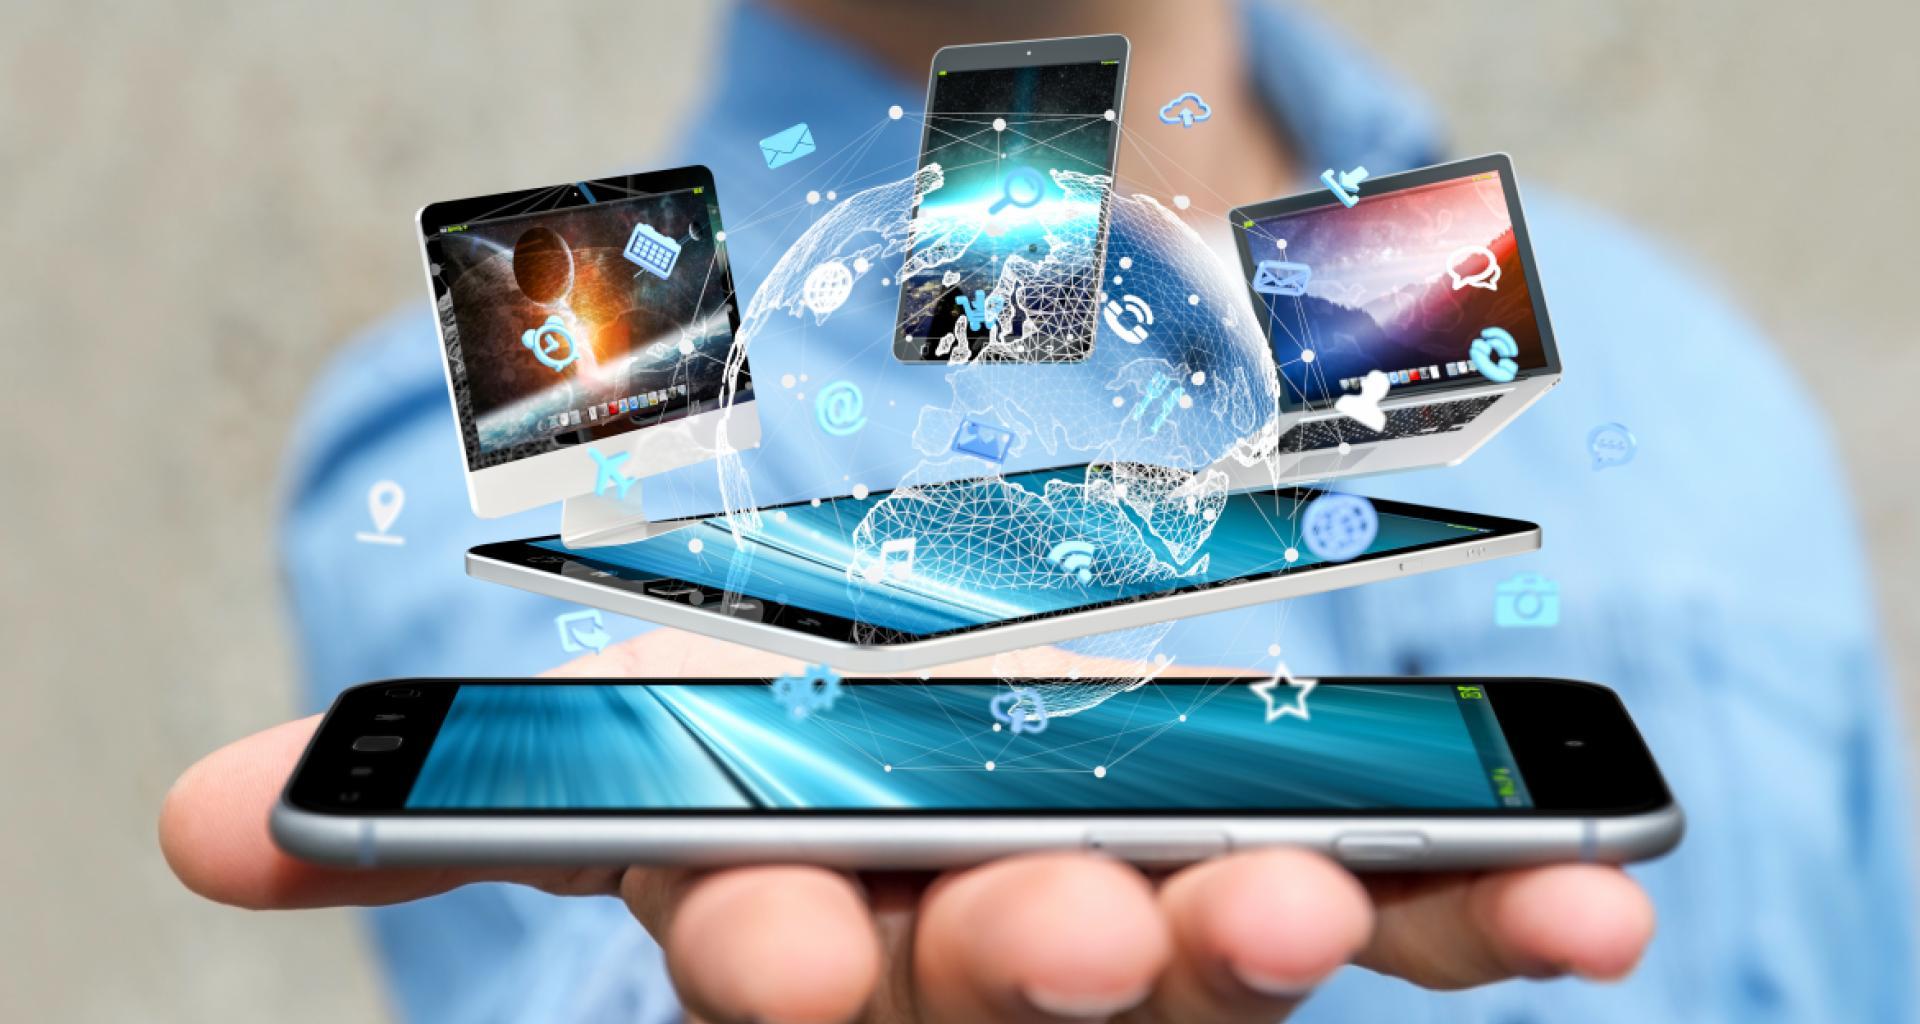 Los asistentes virtuales conversacionales aceleran y rentabilizan la transformación digital de las organizaciones, en múltiples sectores estratégicos